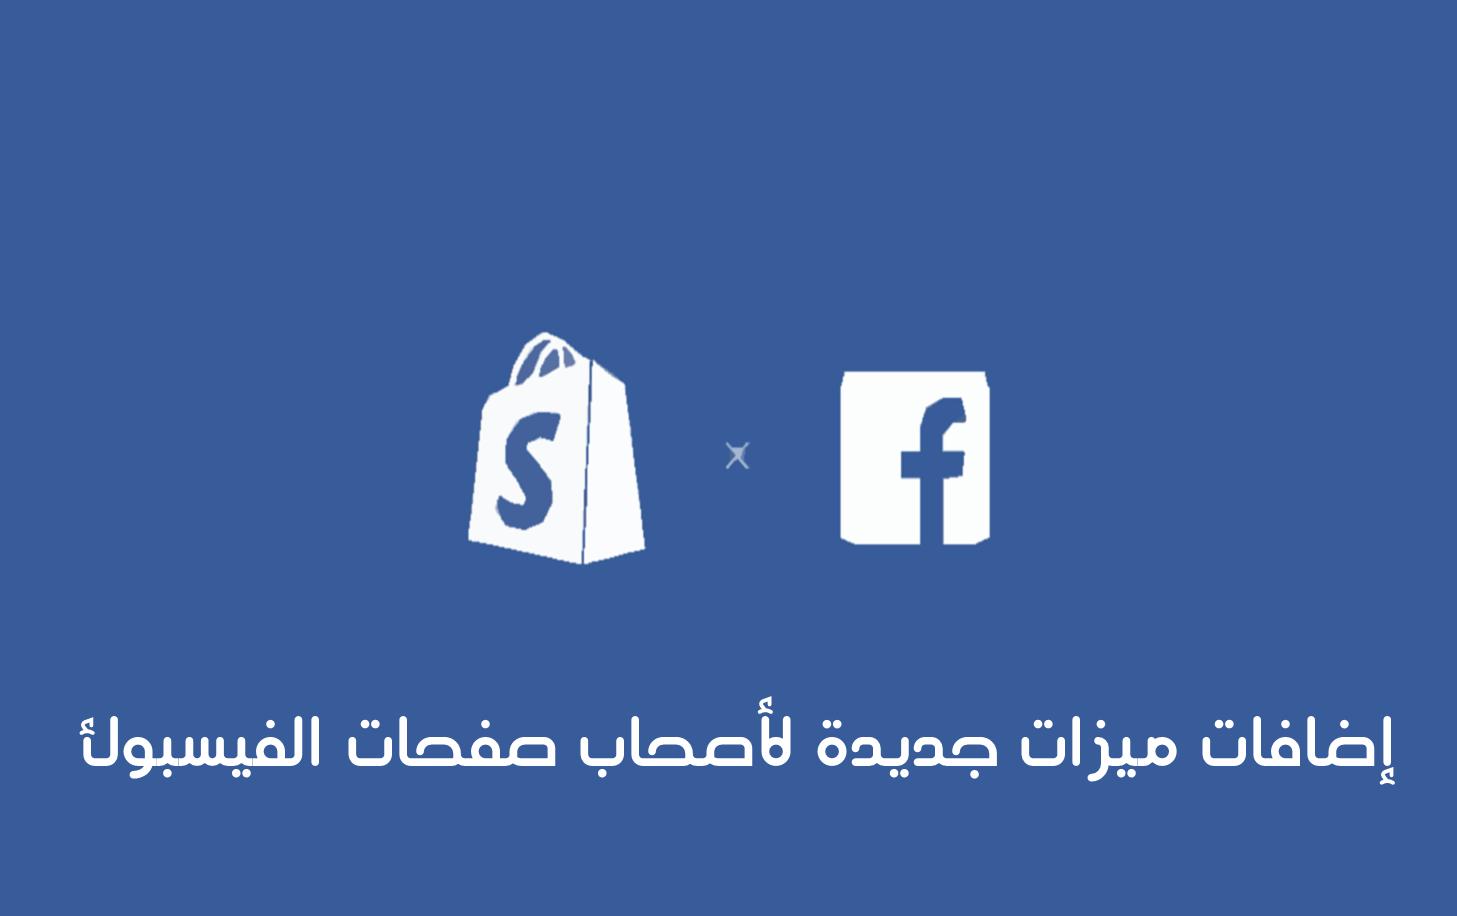 إضافة ميزات جديدة لأصحاب صفحات الفيسبوك